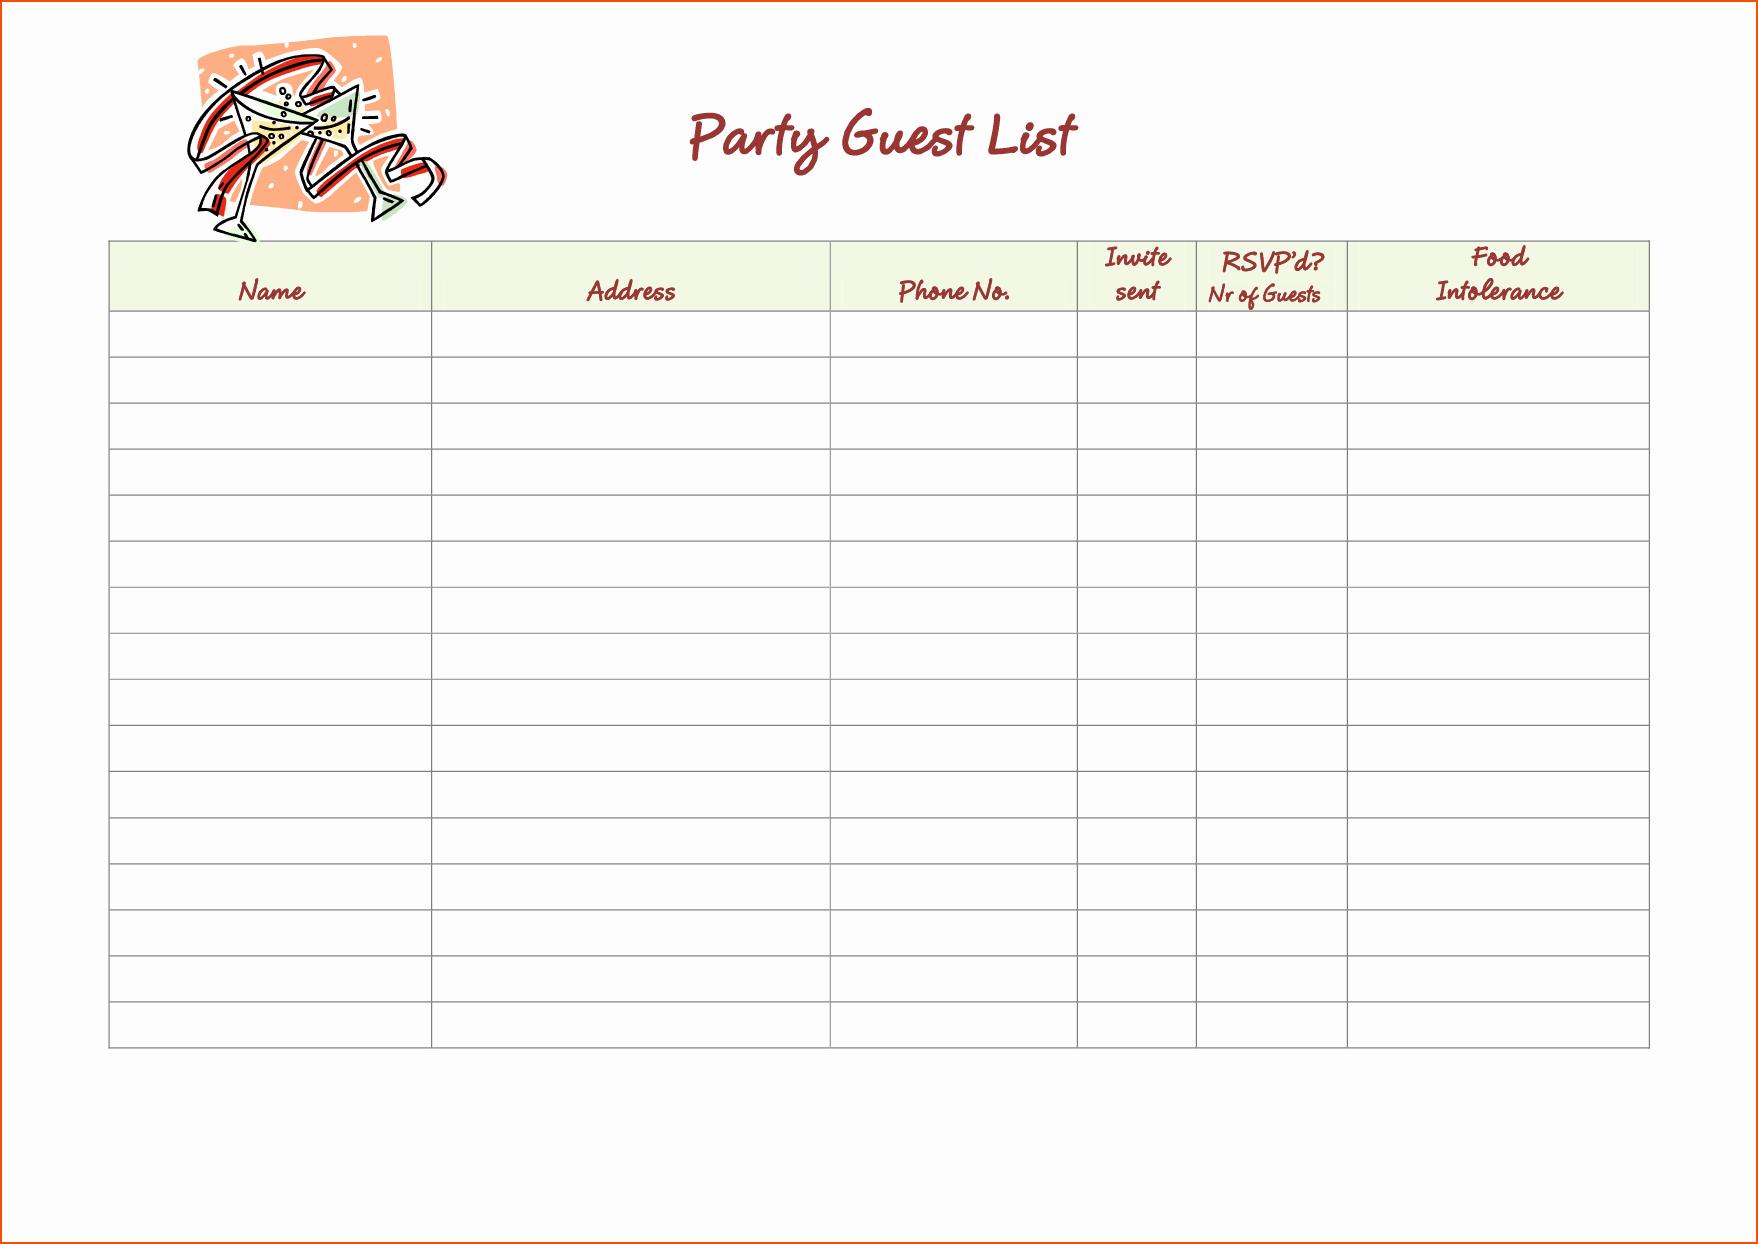 Party Guest List Template Free Unique 5 Party Guest List Template Bookletemplate